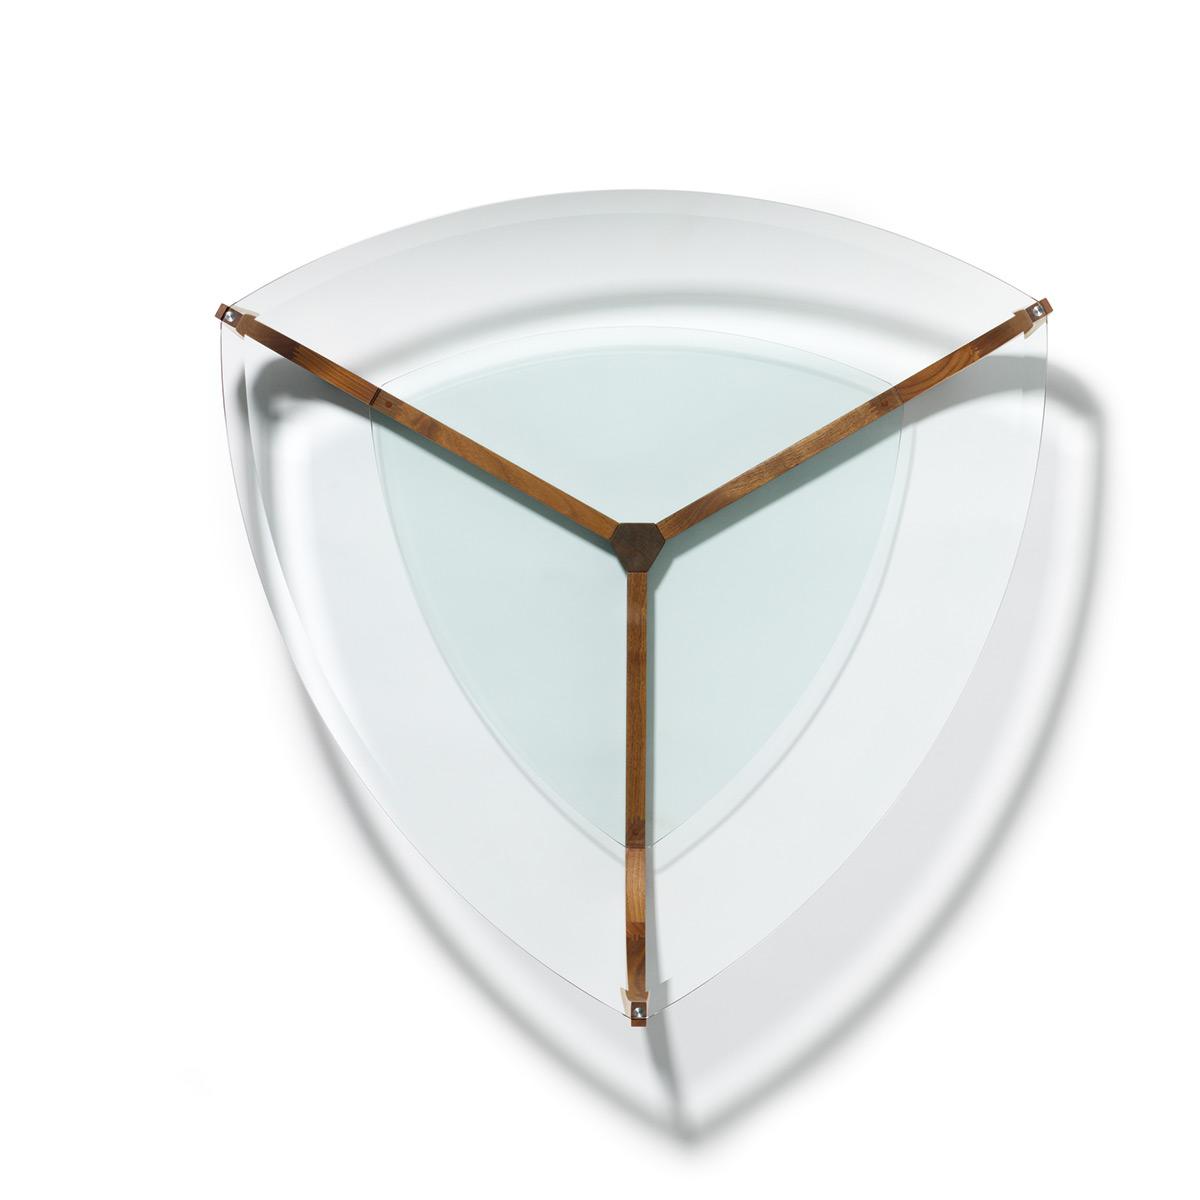 Team7 Couchtisch Juwel dreieckig Nussbaum  Möbel Bär AG